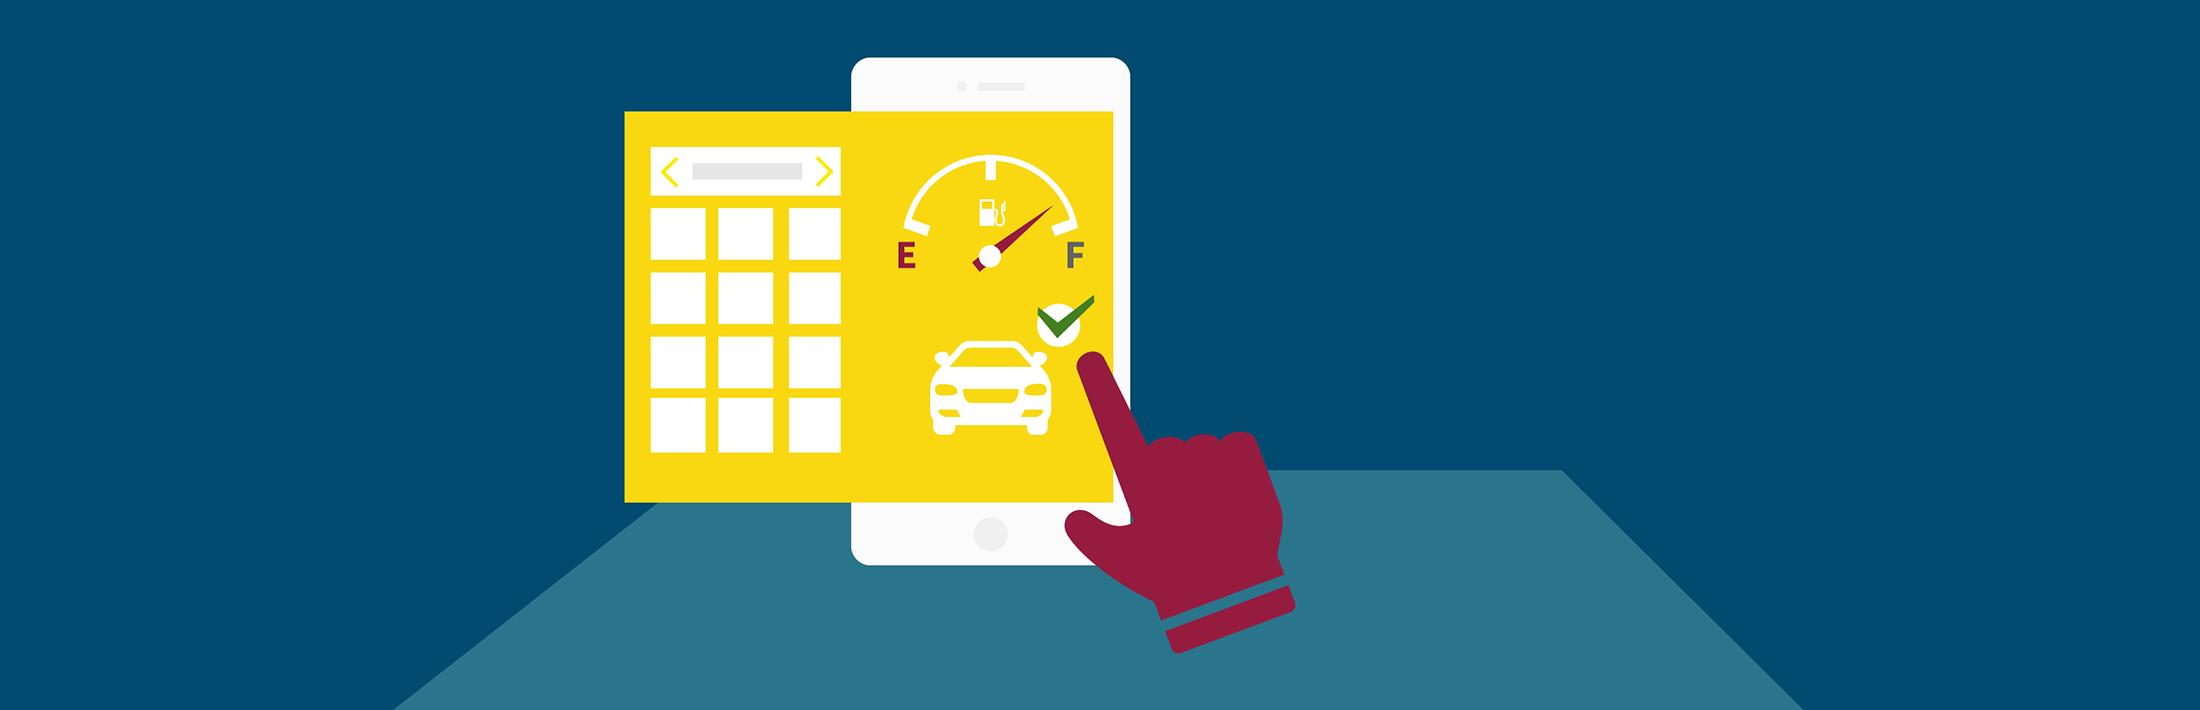 Sharetoo aplikacija prikazuje raspoloživost vozila i sve podatke o automobilima